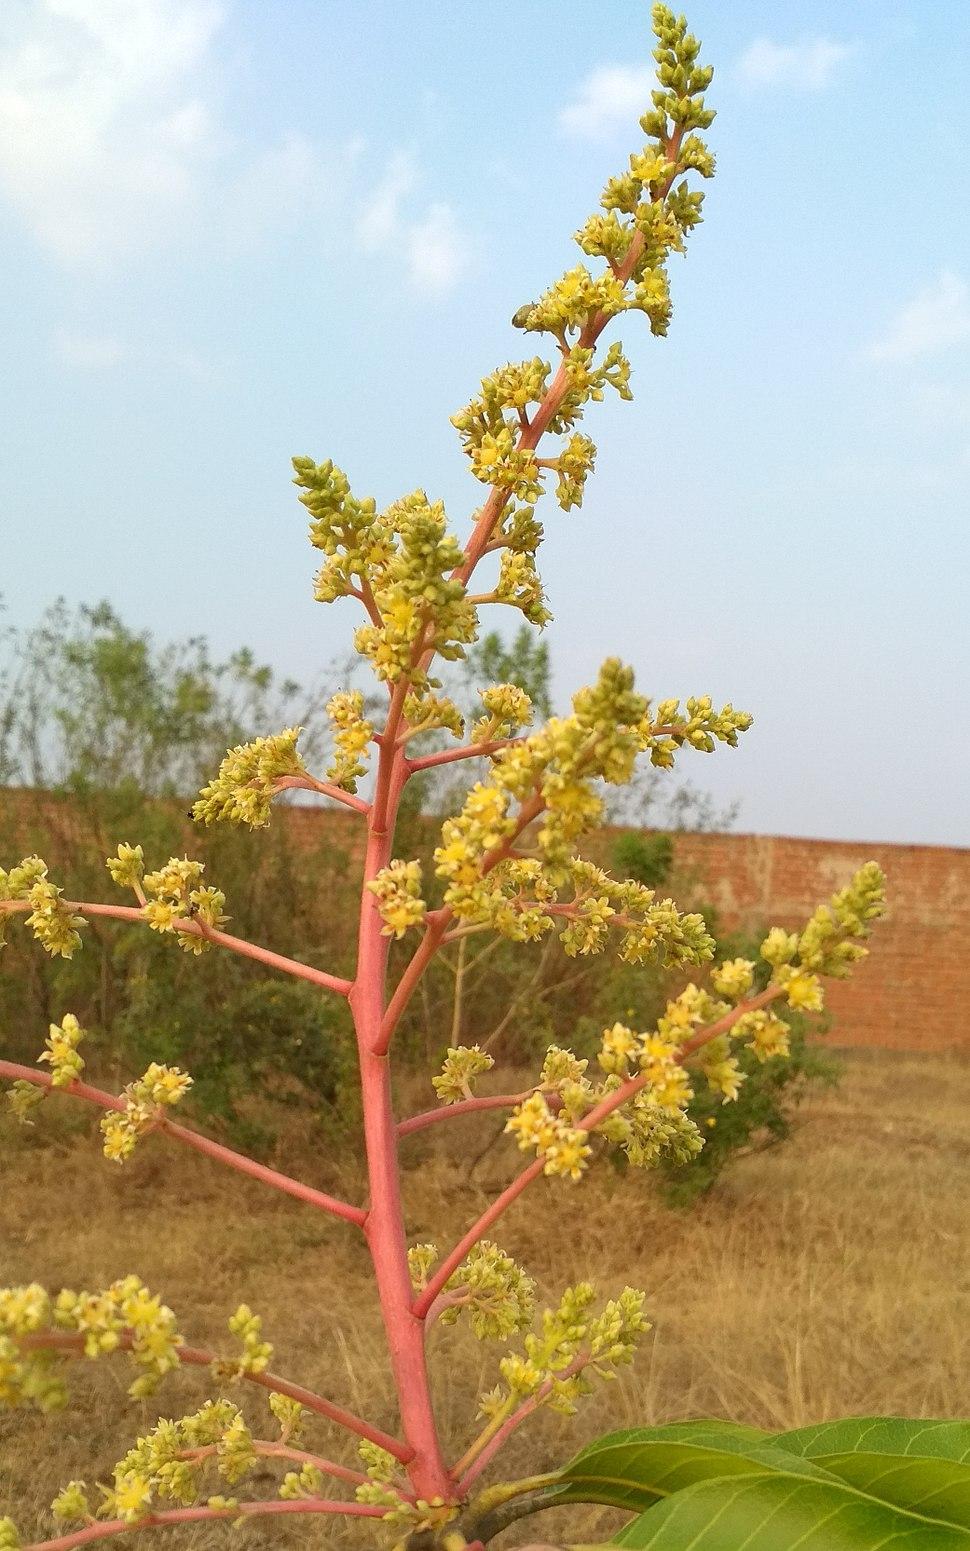 Mango flower blossom